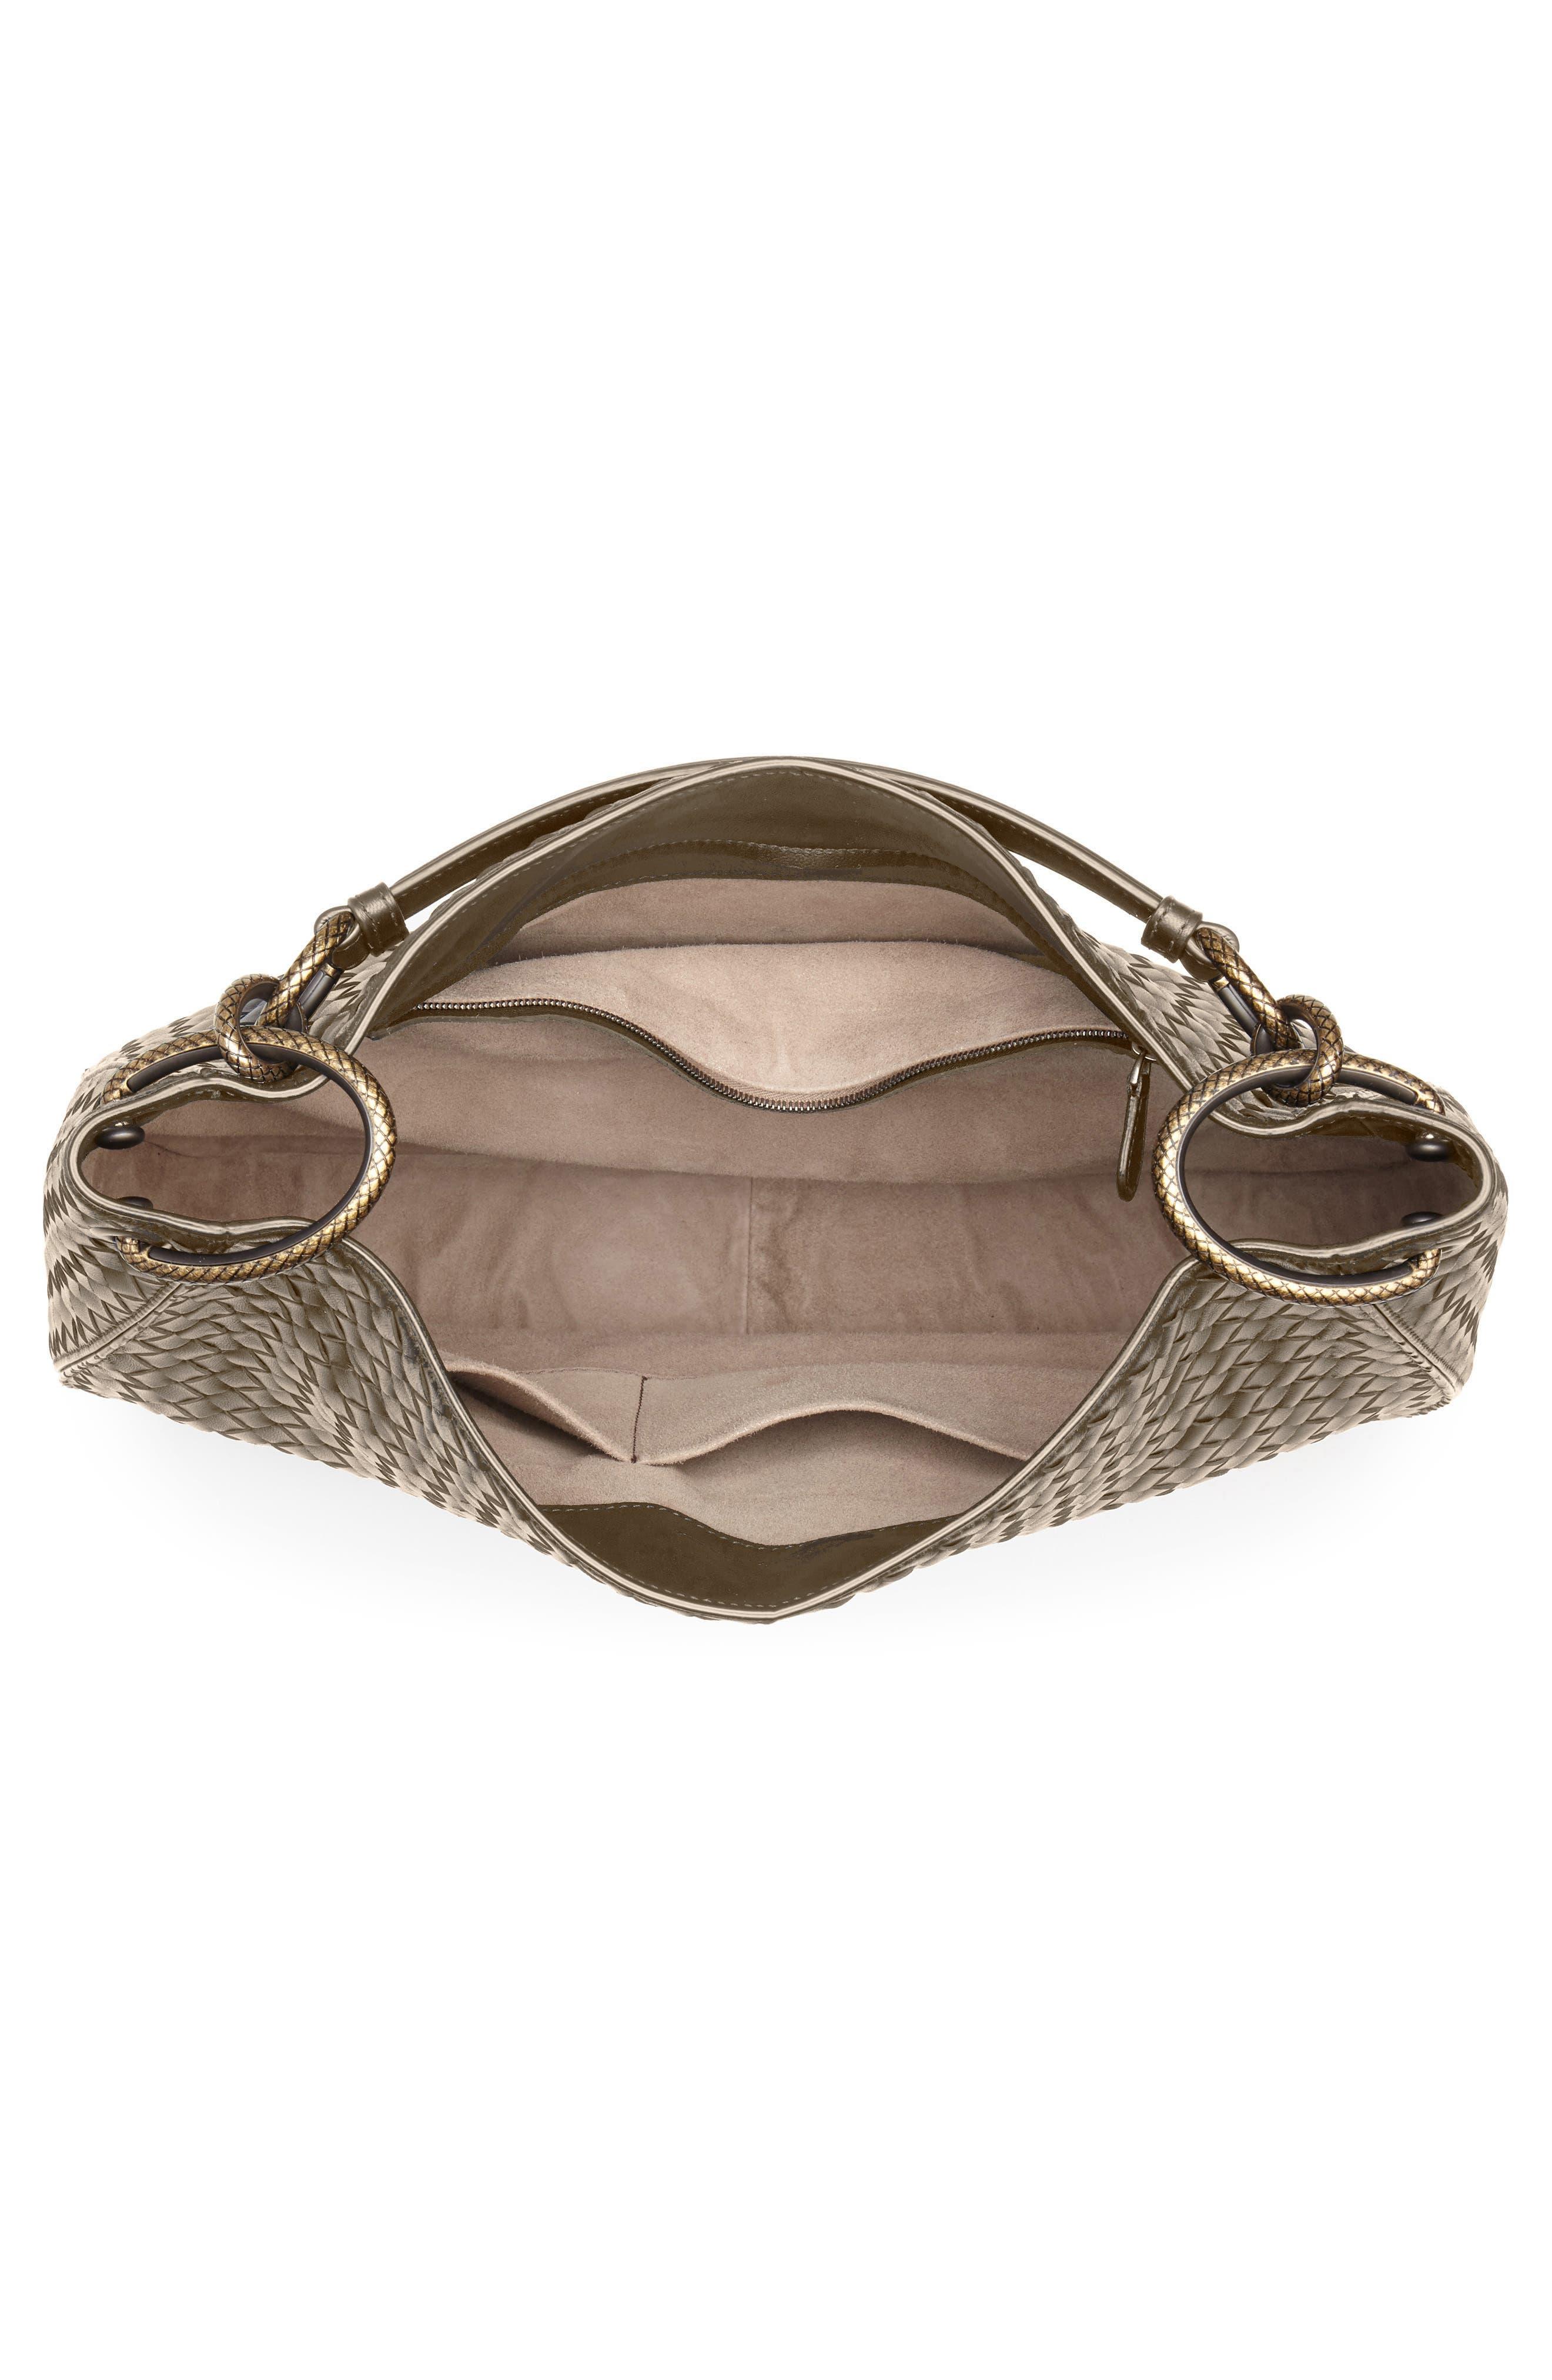 BOTTEGA VENETA,                             Large Loop Woven Leather Hobo,                             Alternate thumbnail 4, color,                             LIMESTONE